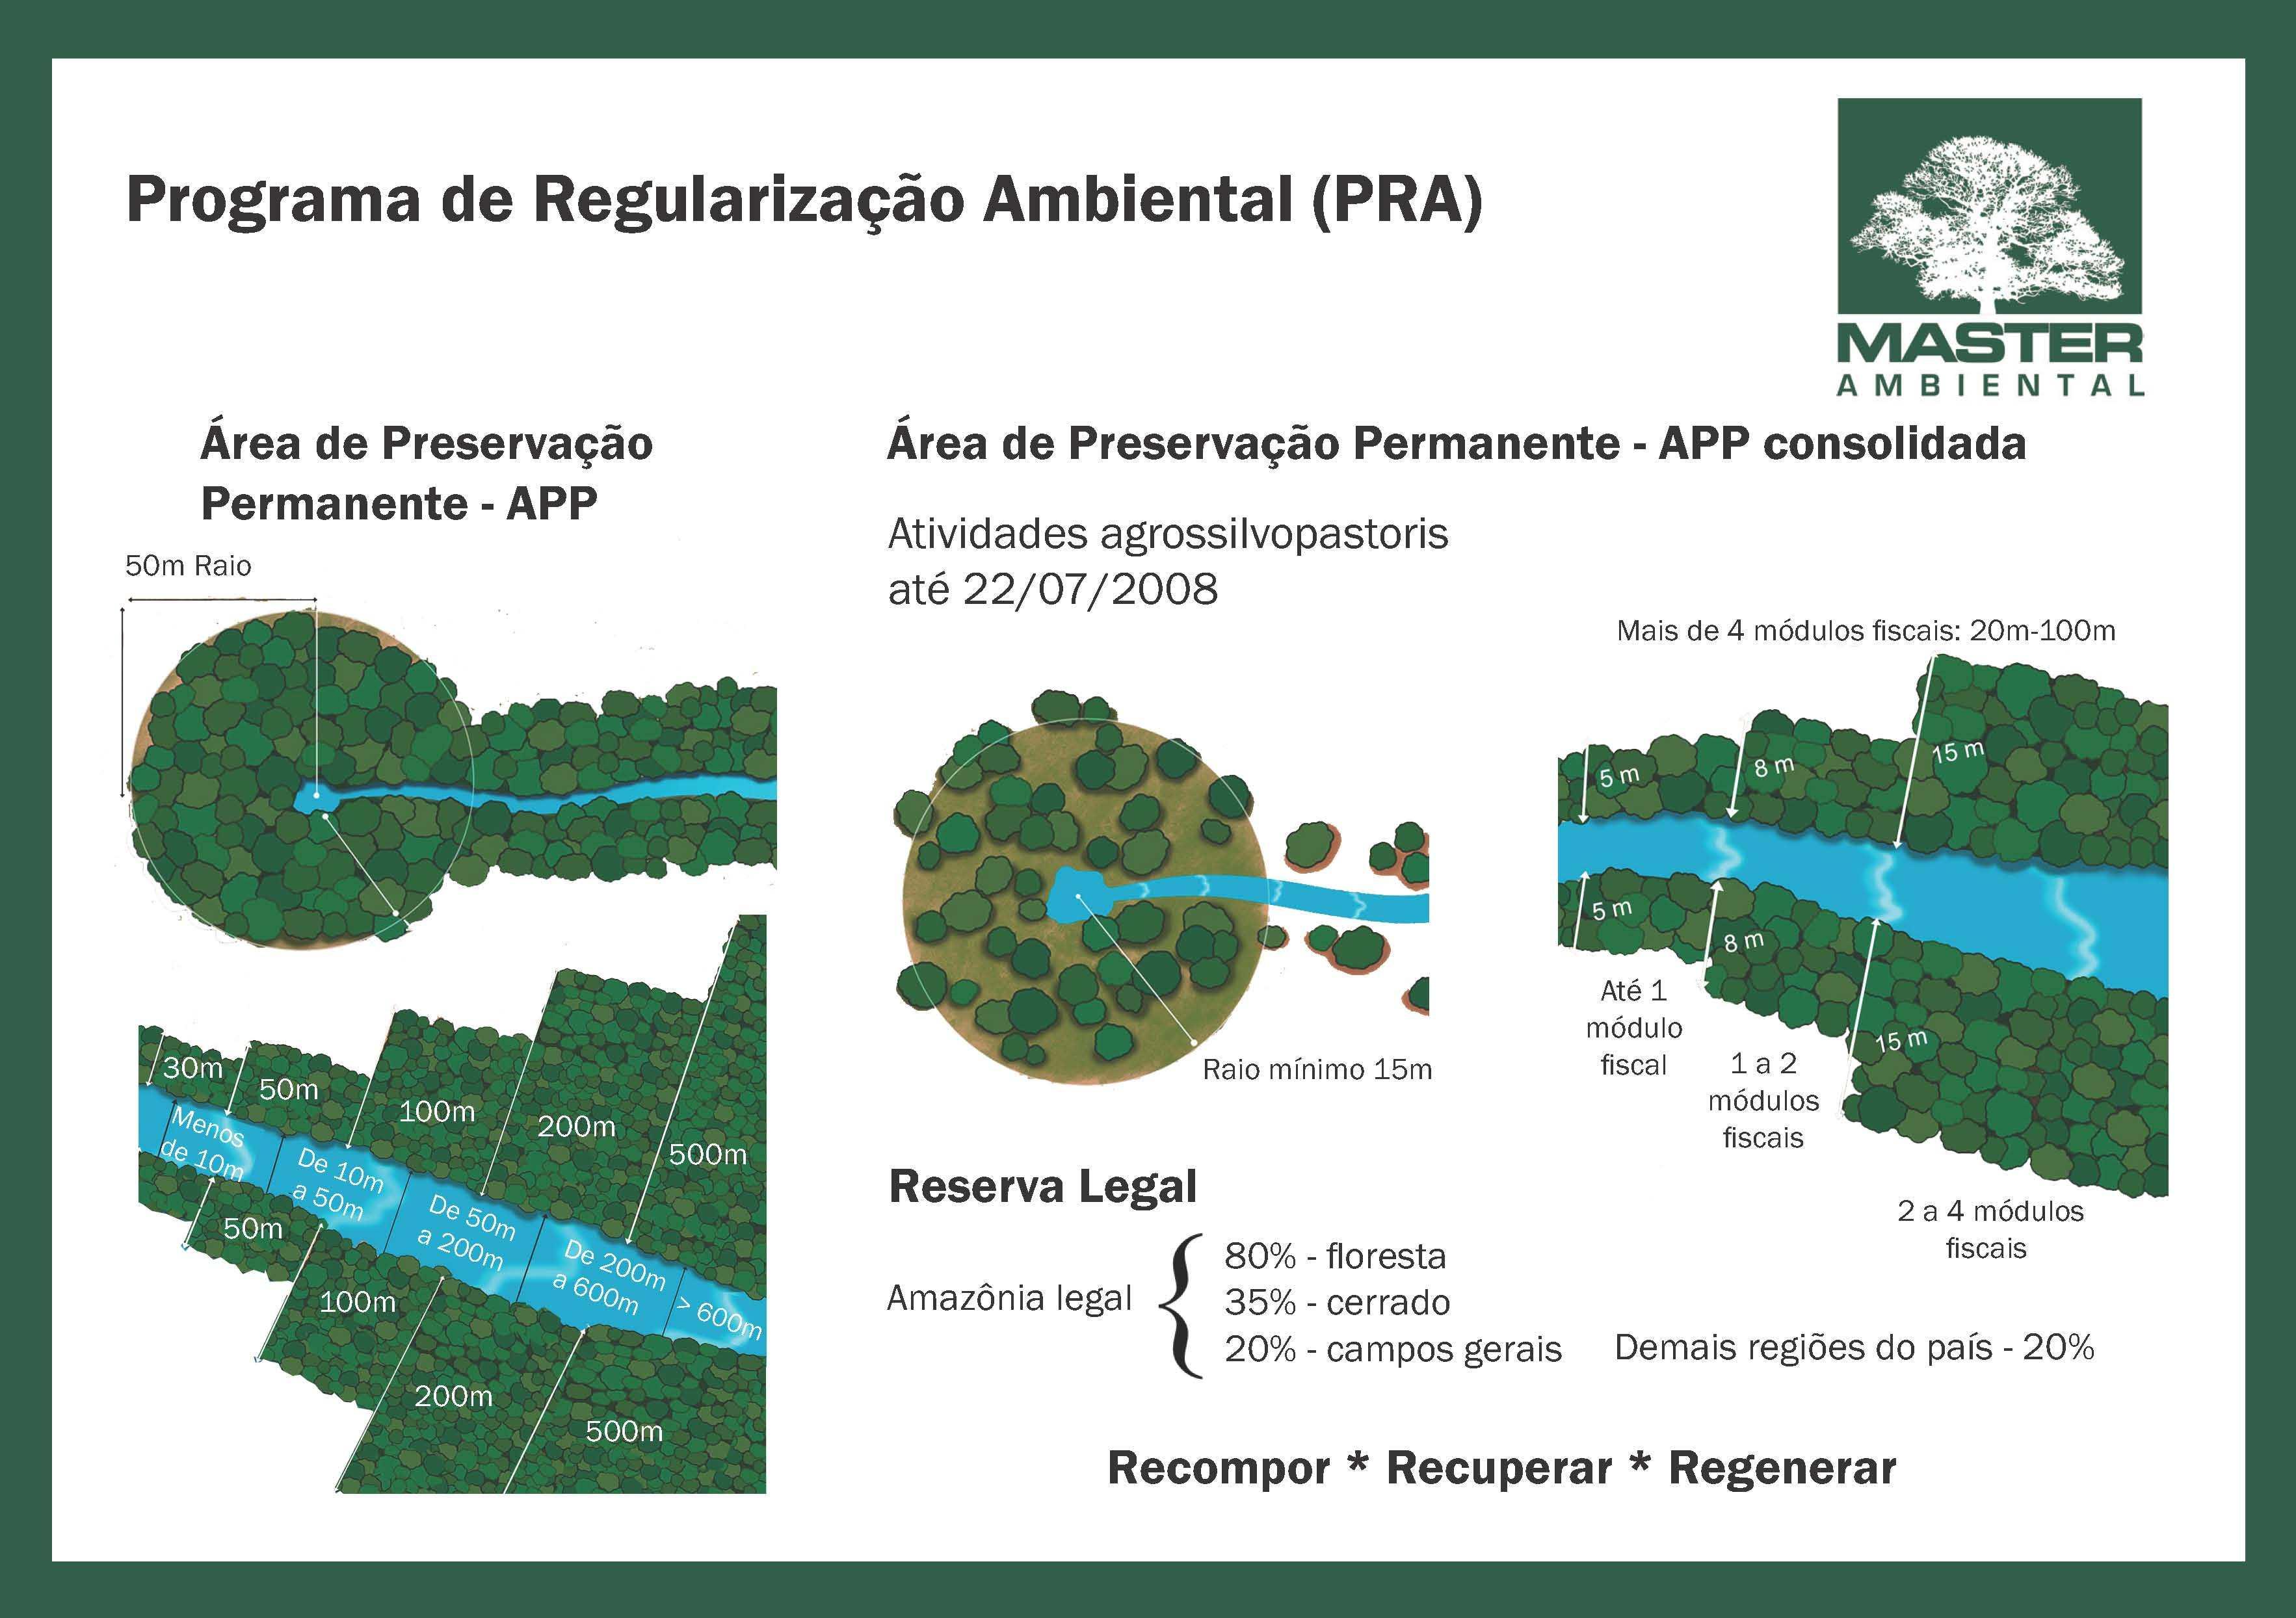 Cadastro Ambiental Rural (CAR) - Master Ambiental - Consultoria ... d138f877d4